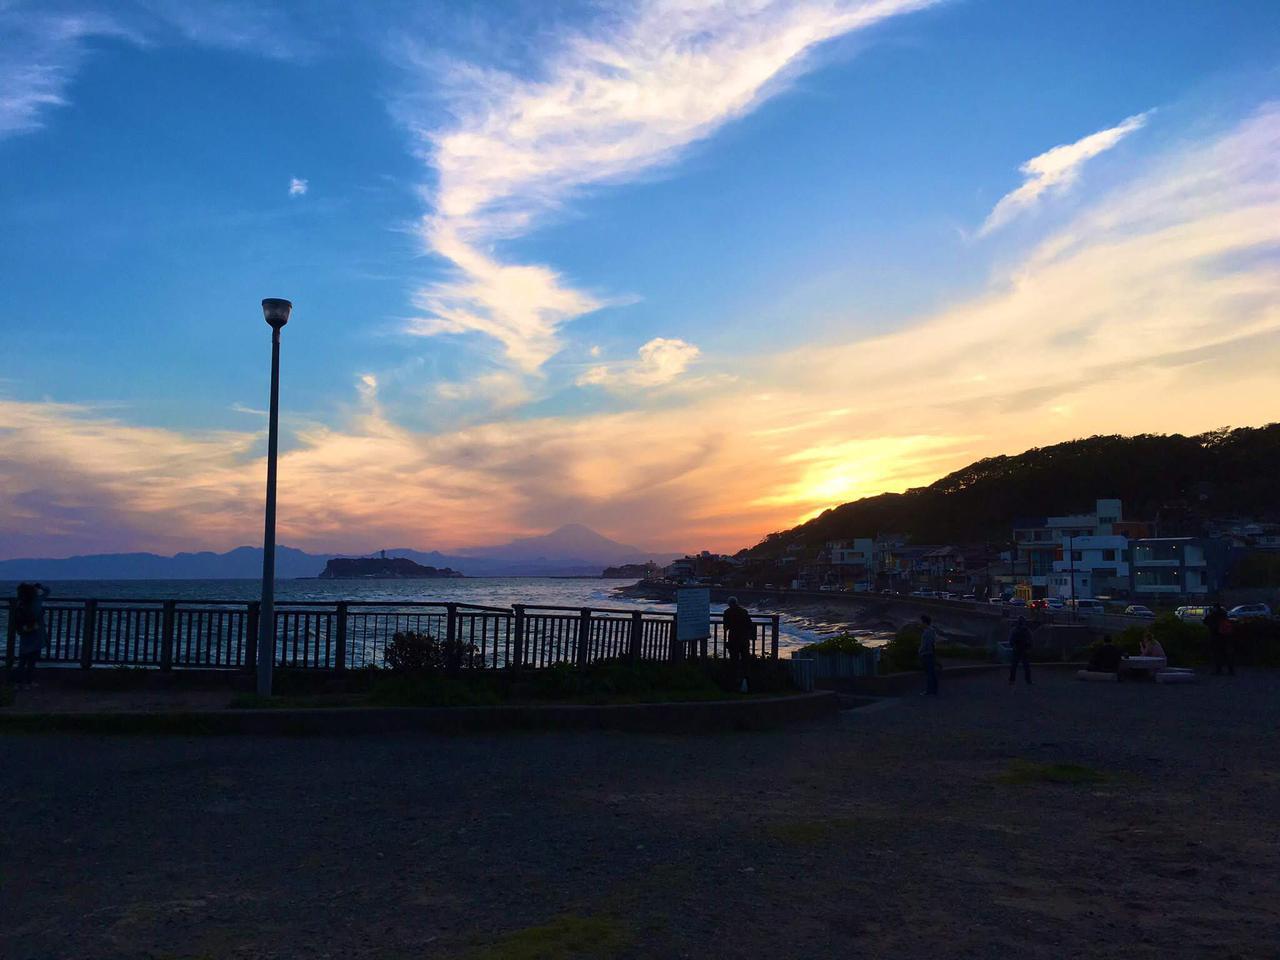 画像: 筆者撮影 この日は少し雲が多かったのですが、綺麗に富士山のシルエットも見えますね